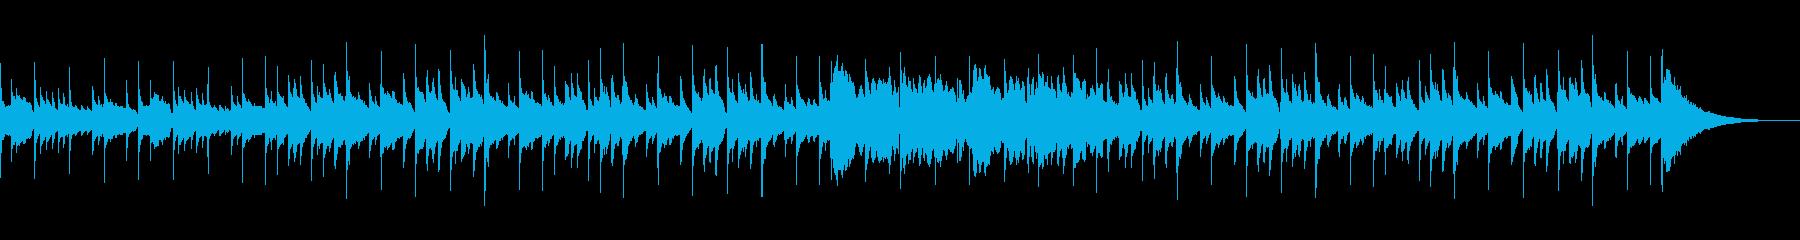 琴とアコギと民俗調の笛で古感を出してますの再生済みの波形